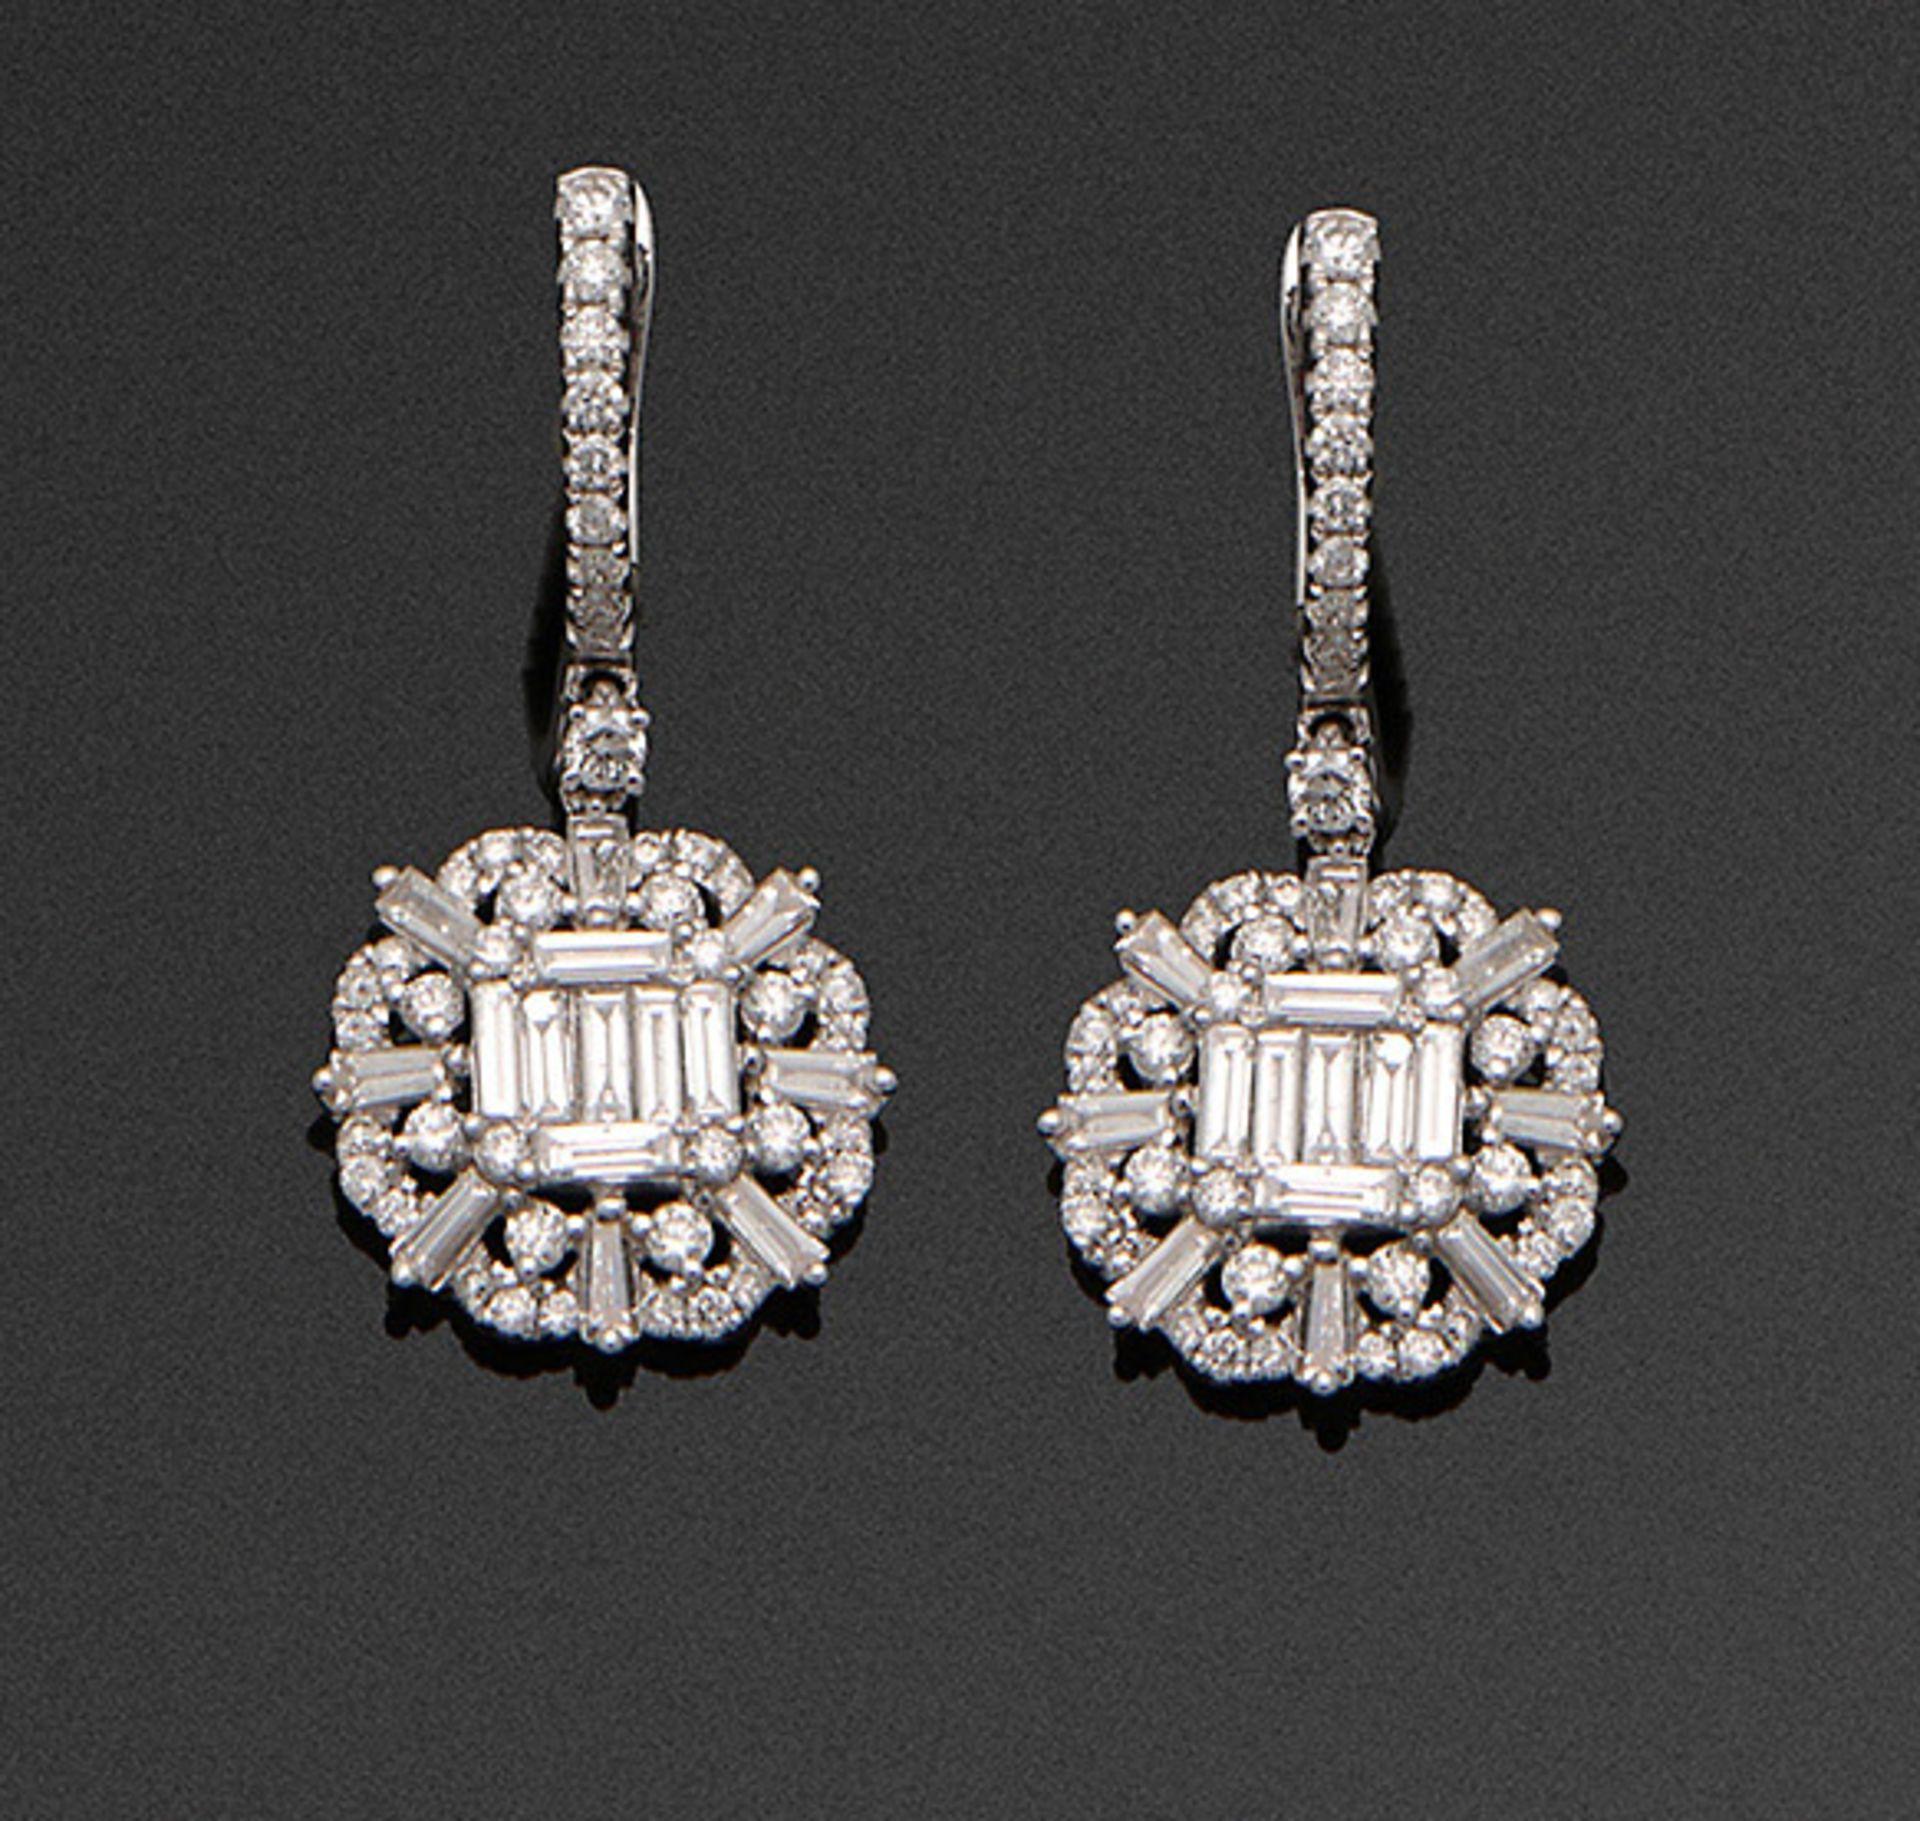 Paar hochfeine Diamant-Ohrgehänge